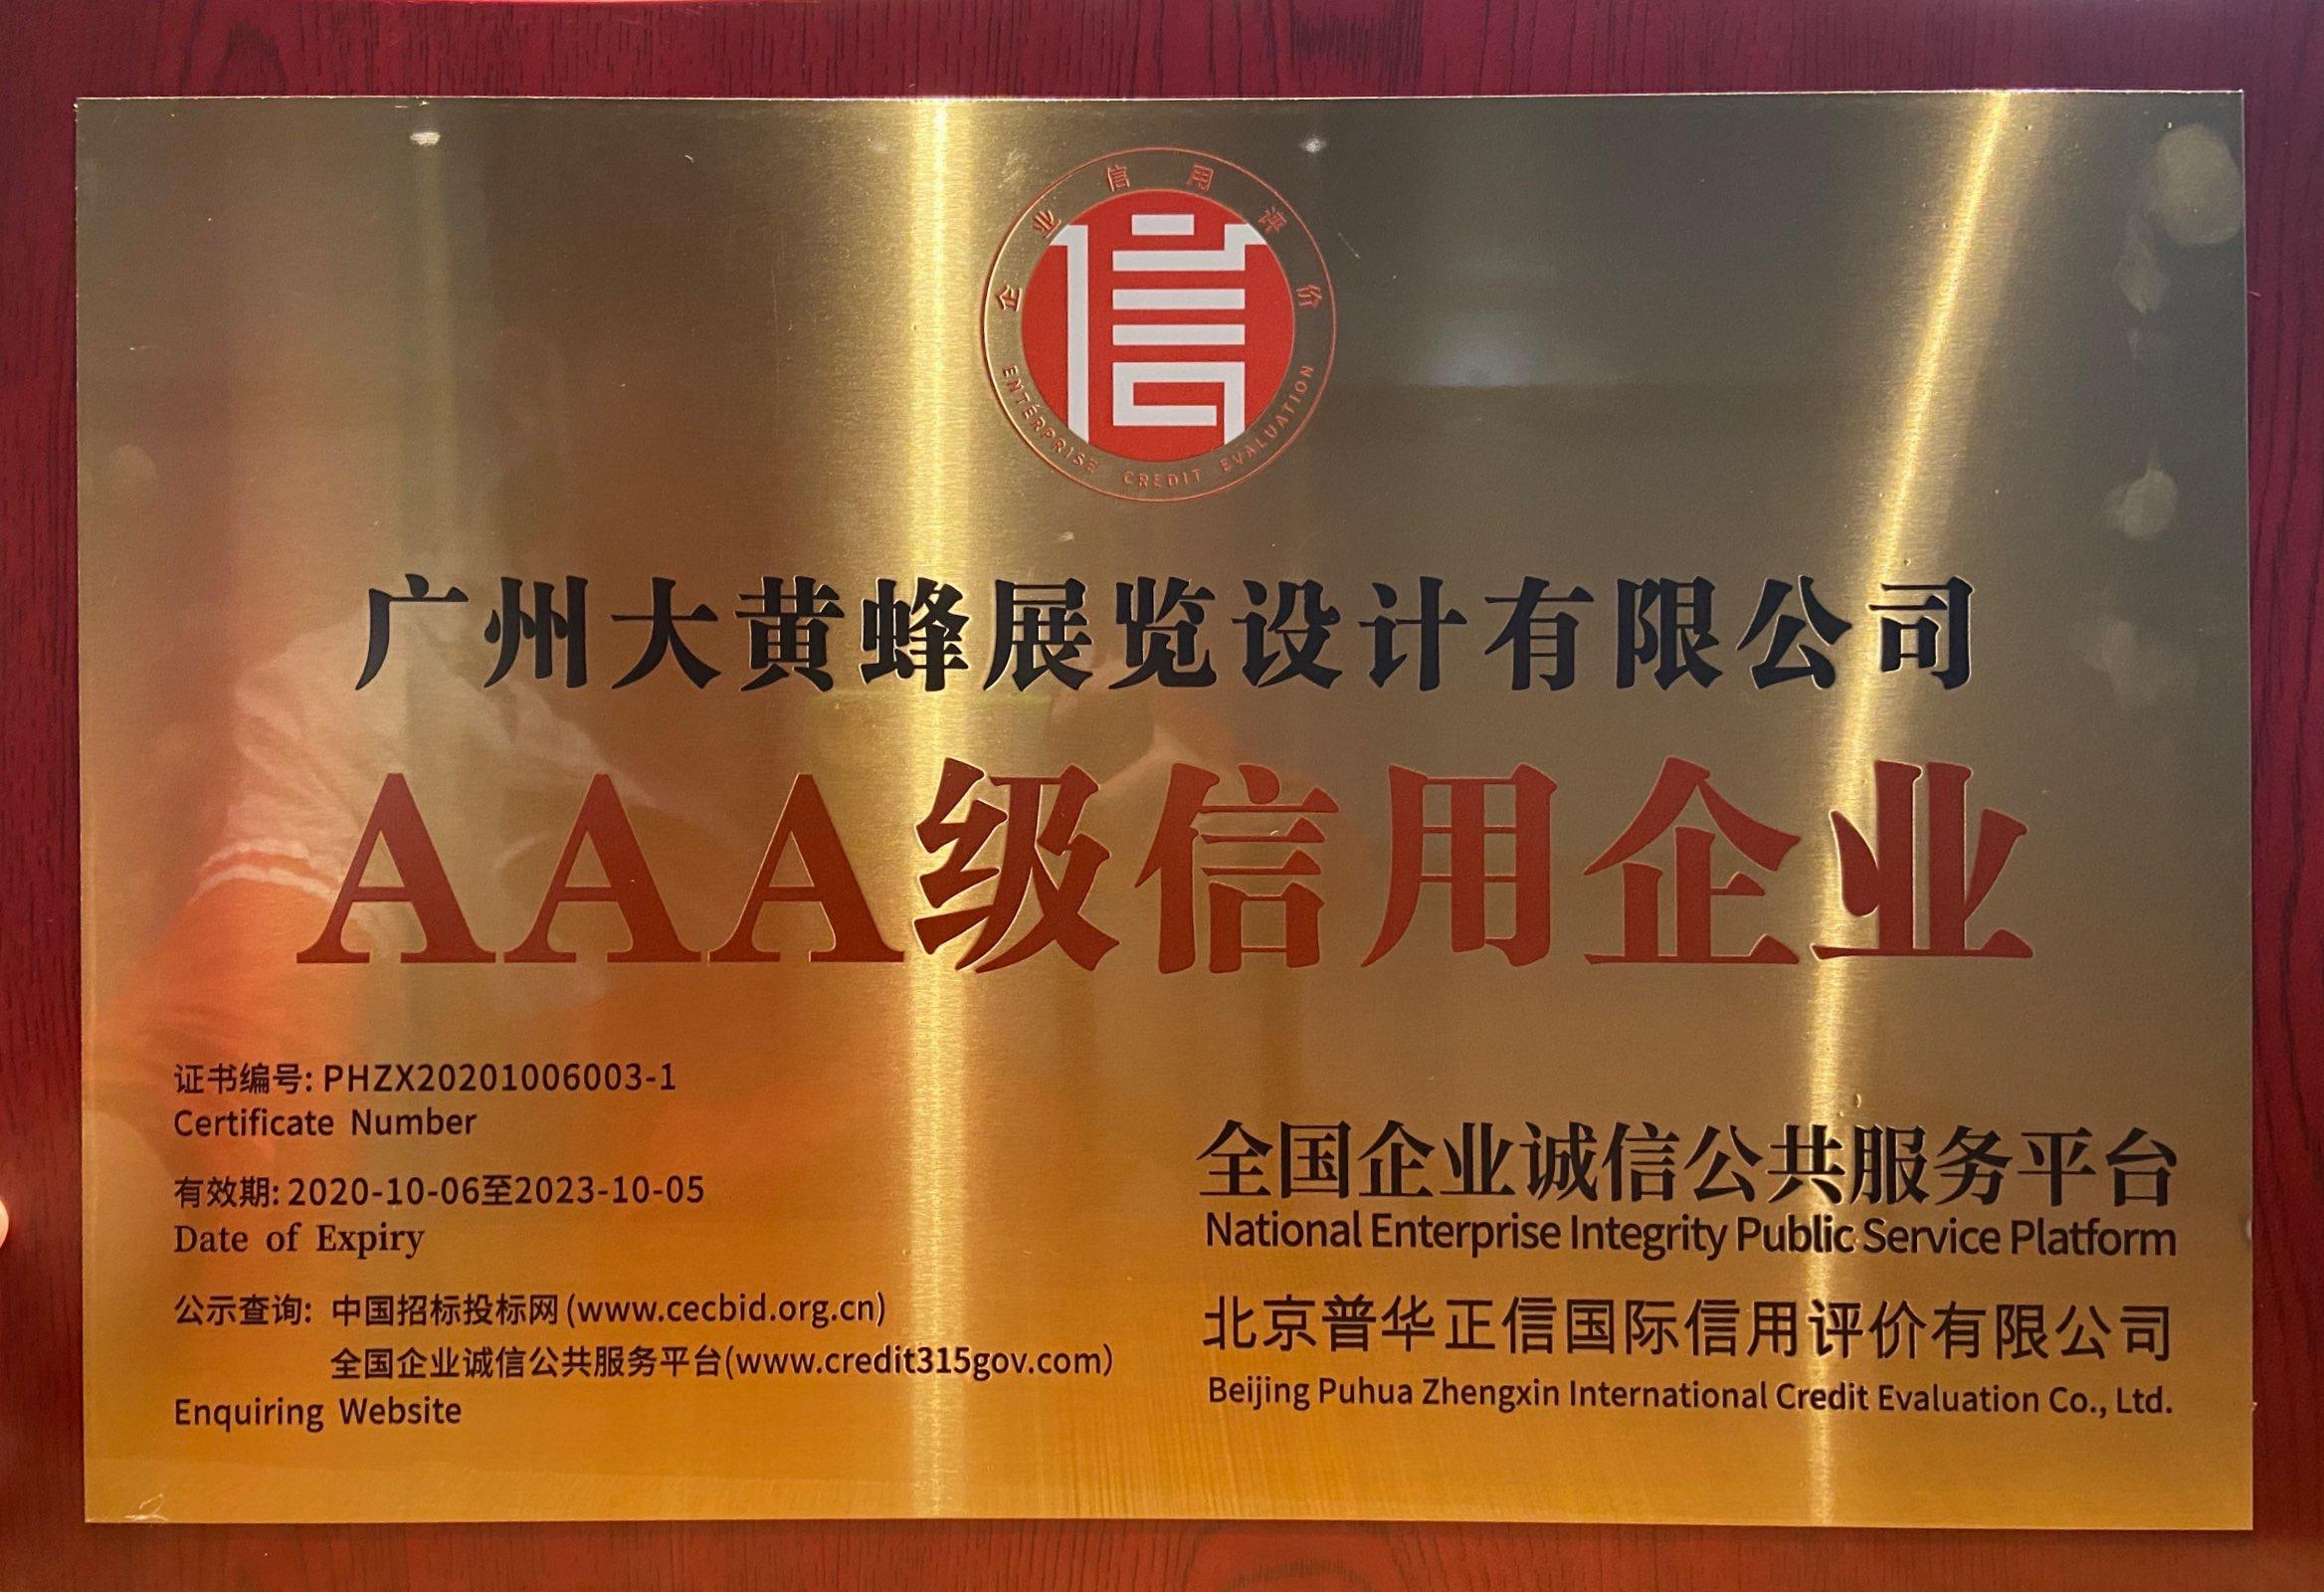 大黄蜂展览-2020荣获AAA级信用企业